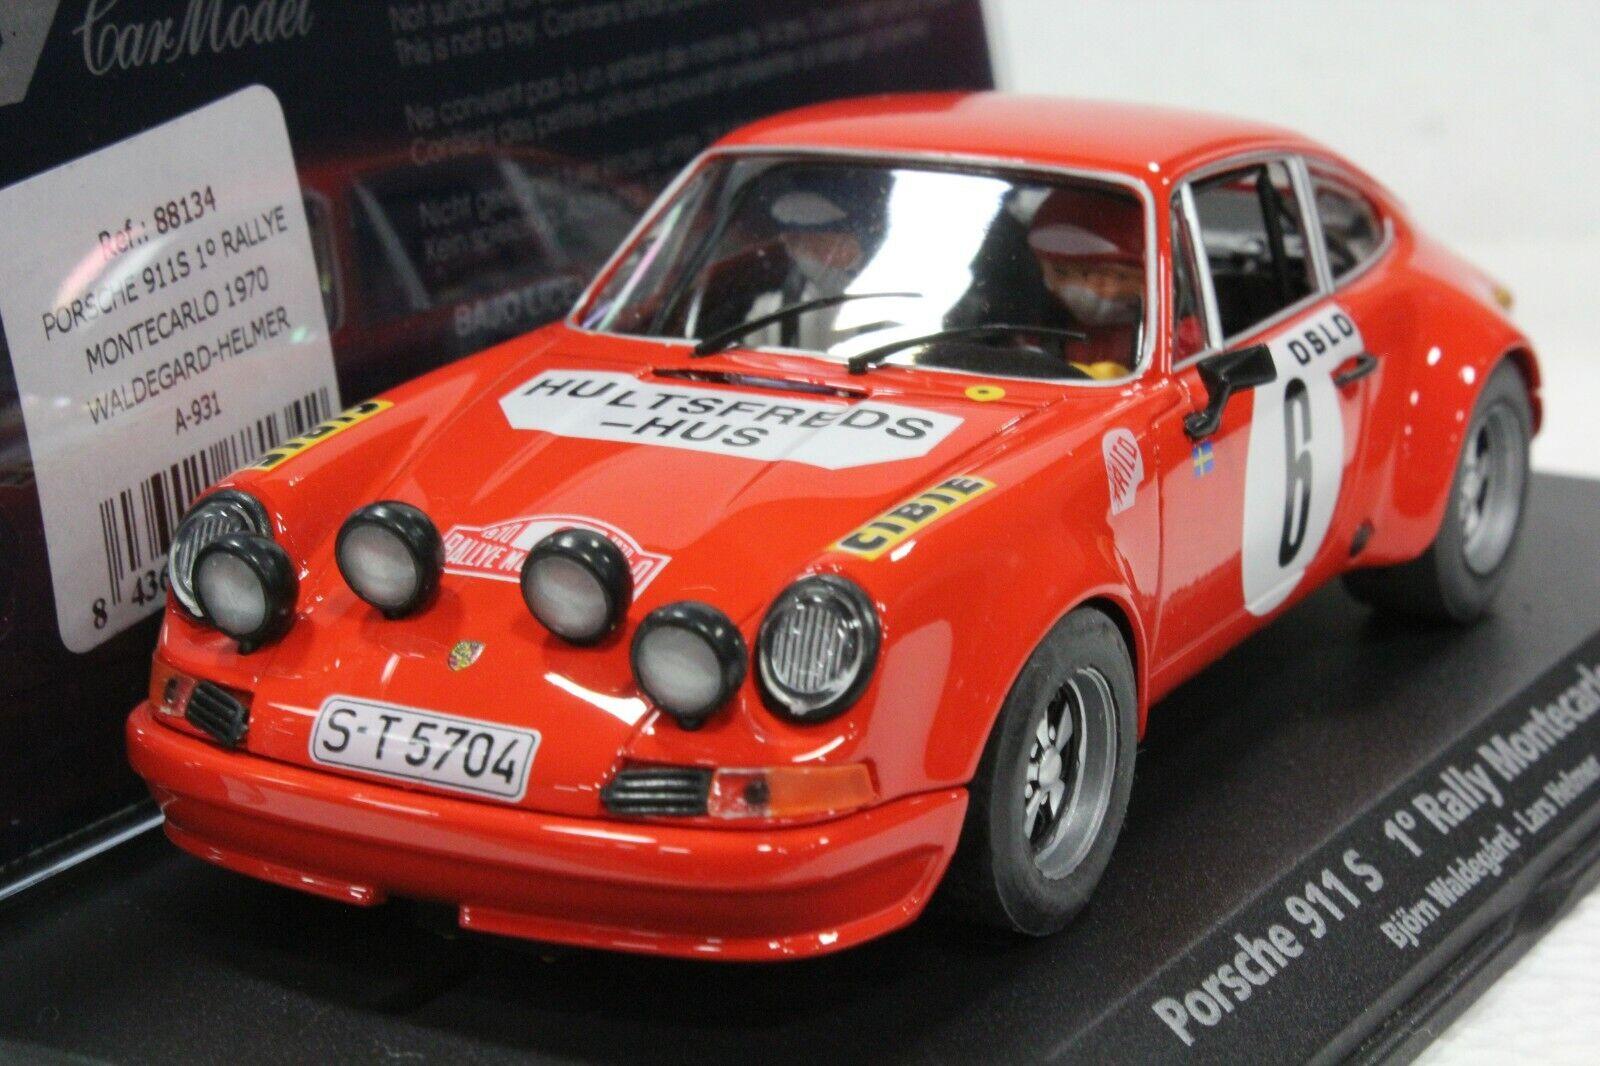 Vuelo a931 a931 a931 Porsche 911s rally Monte Cochelo 1970,   32 en el armario de exhibición c38